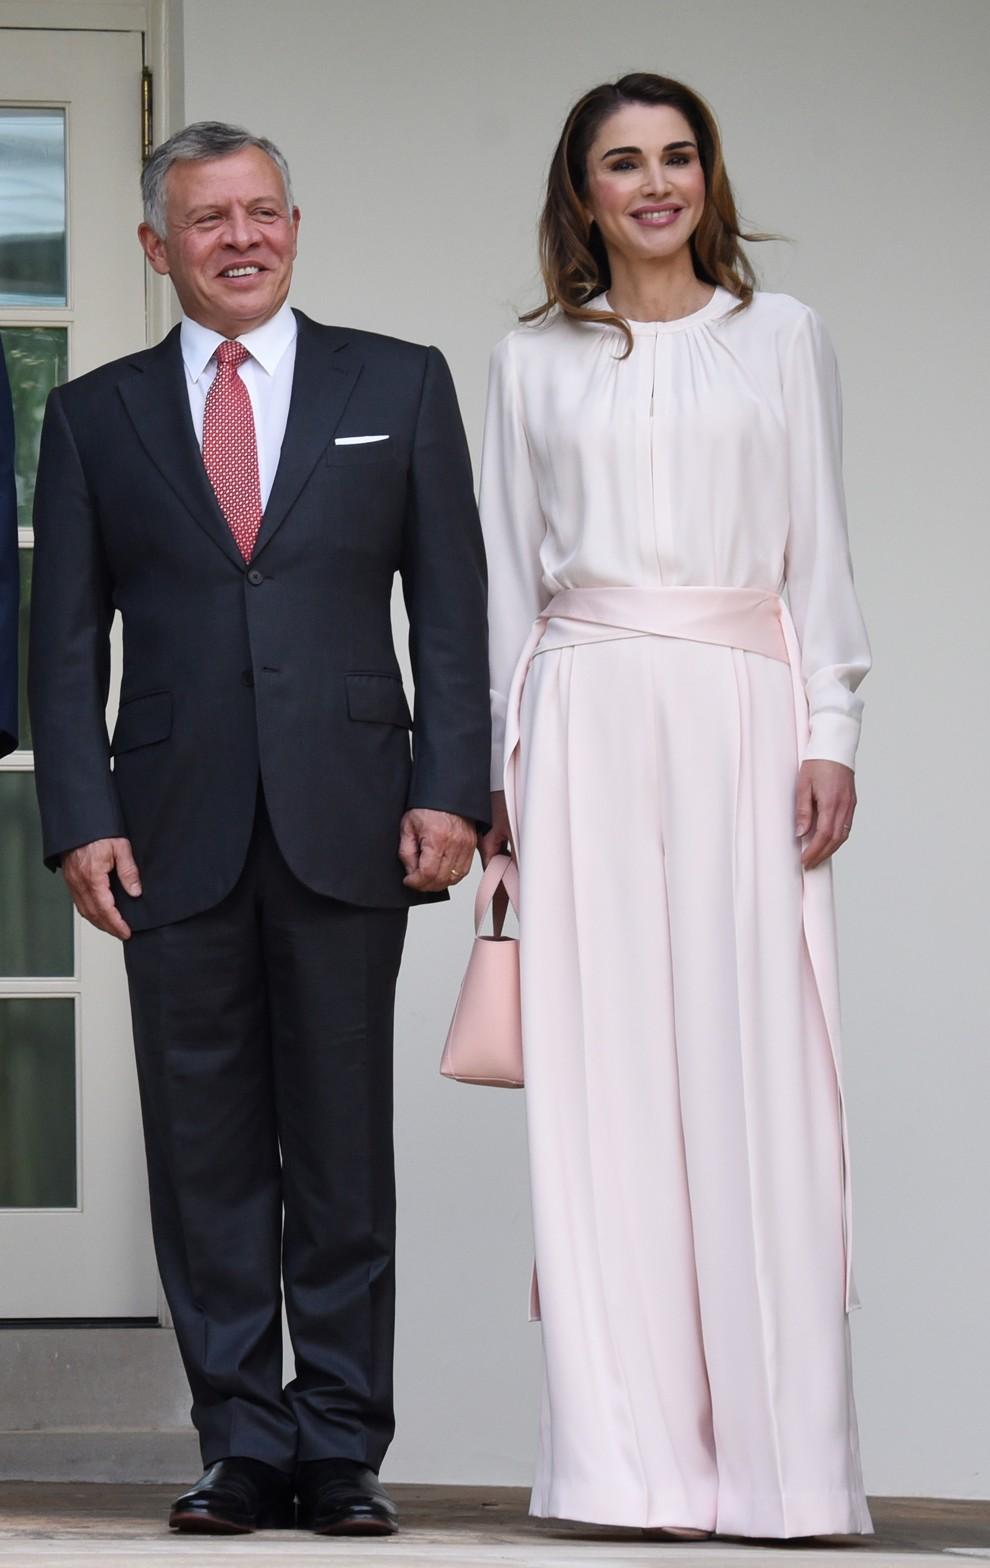 5b315b253f2ca - Мелания Трамп и королева Рания: встреча женственных натур